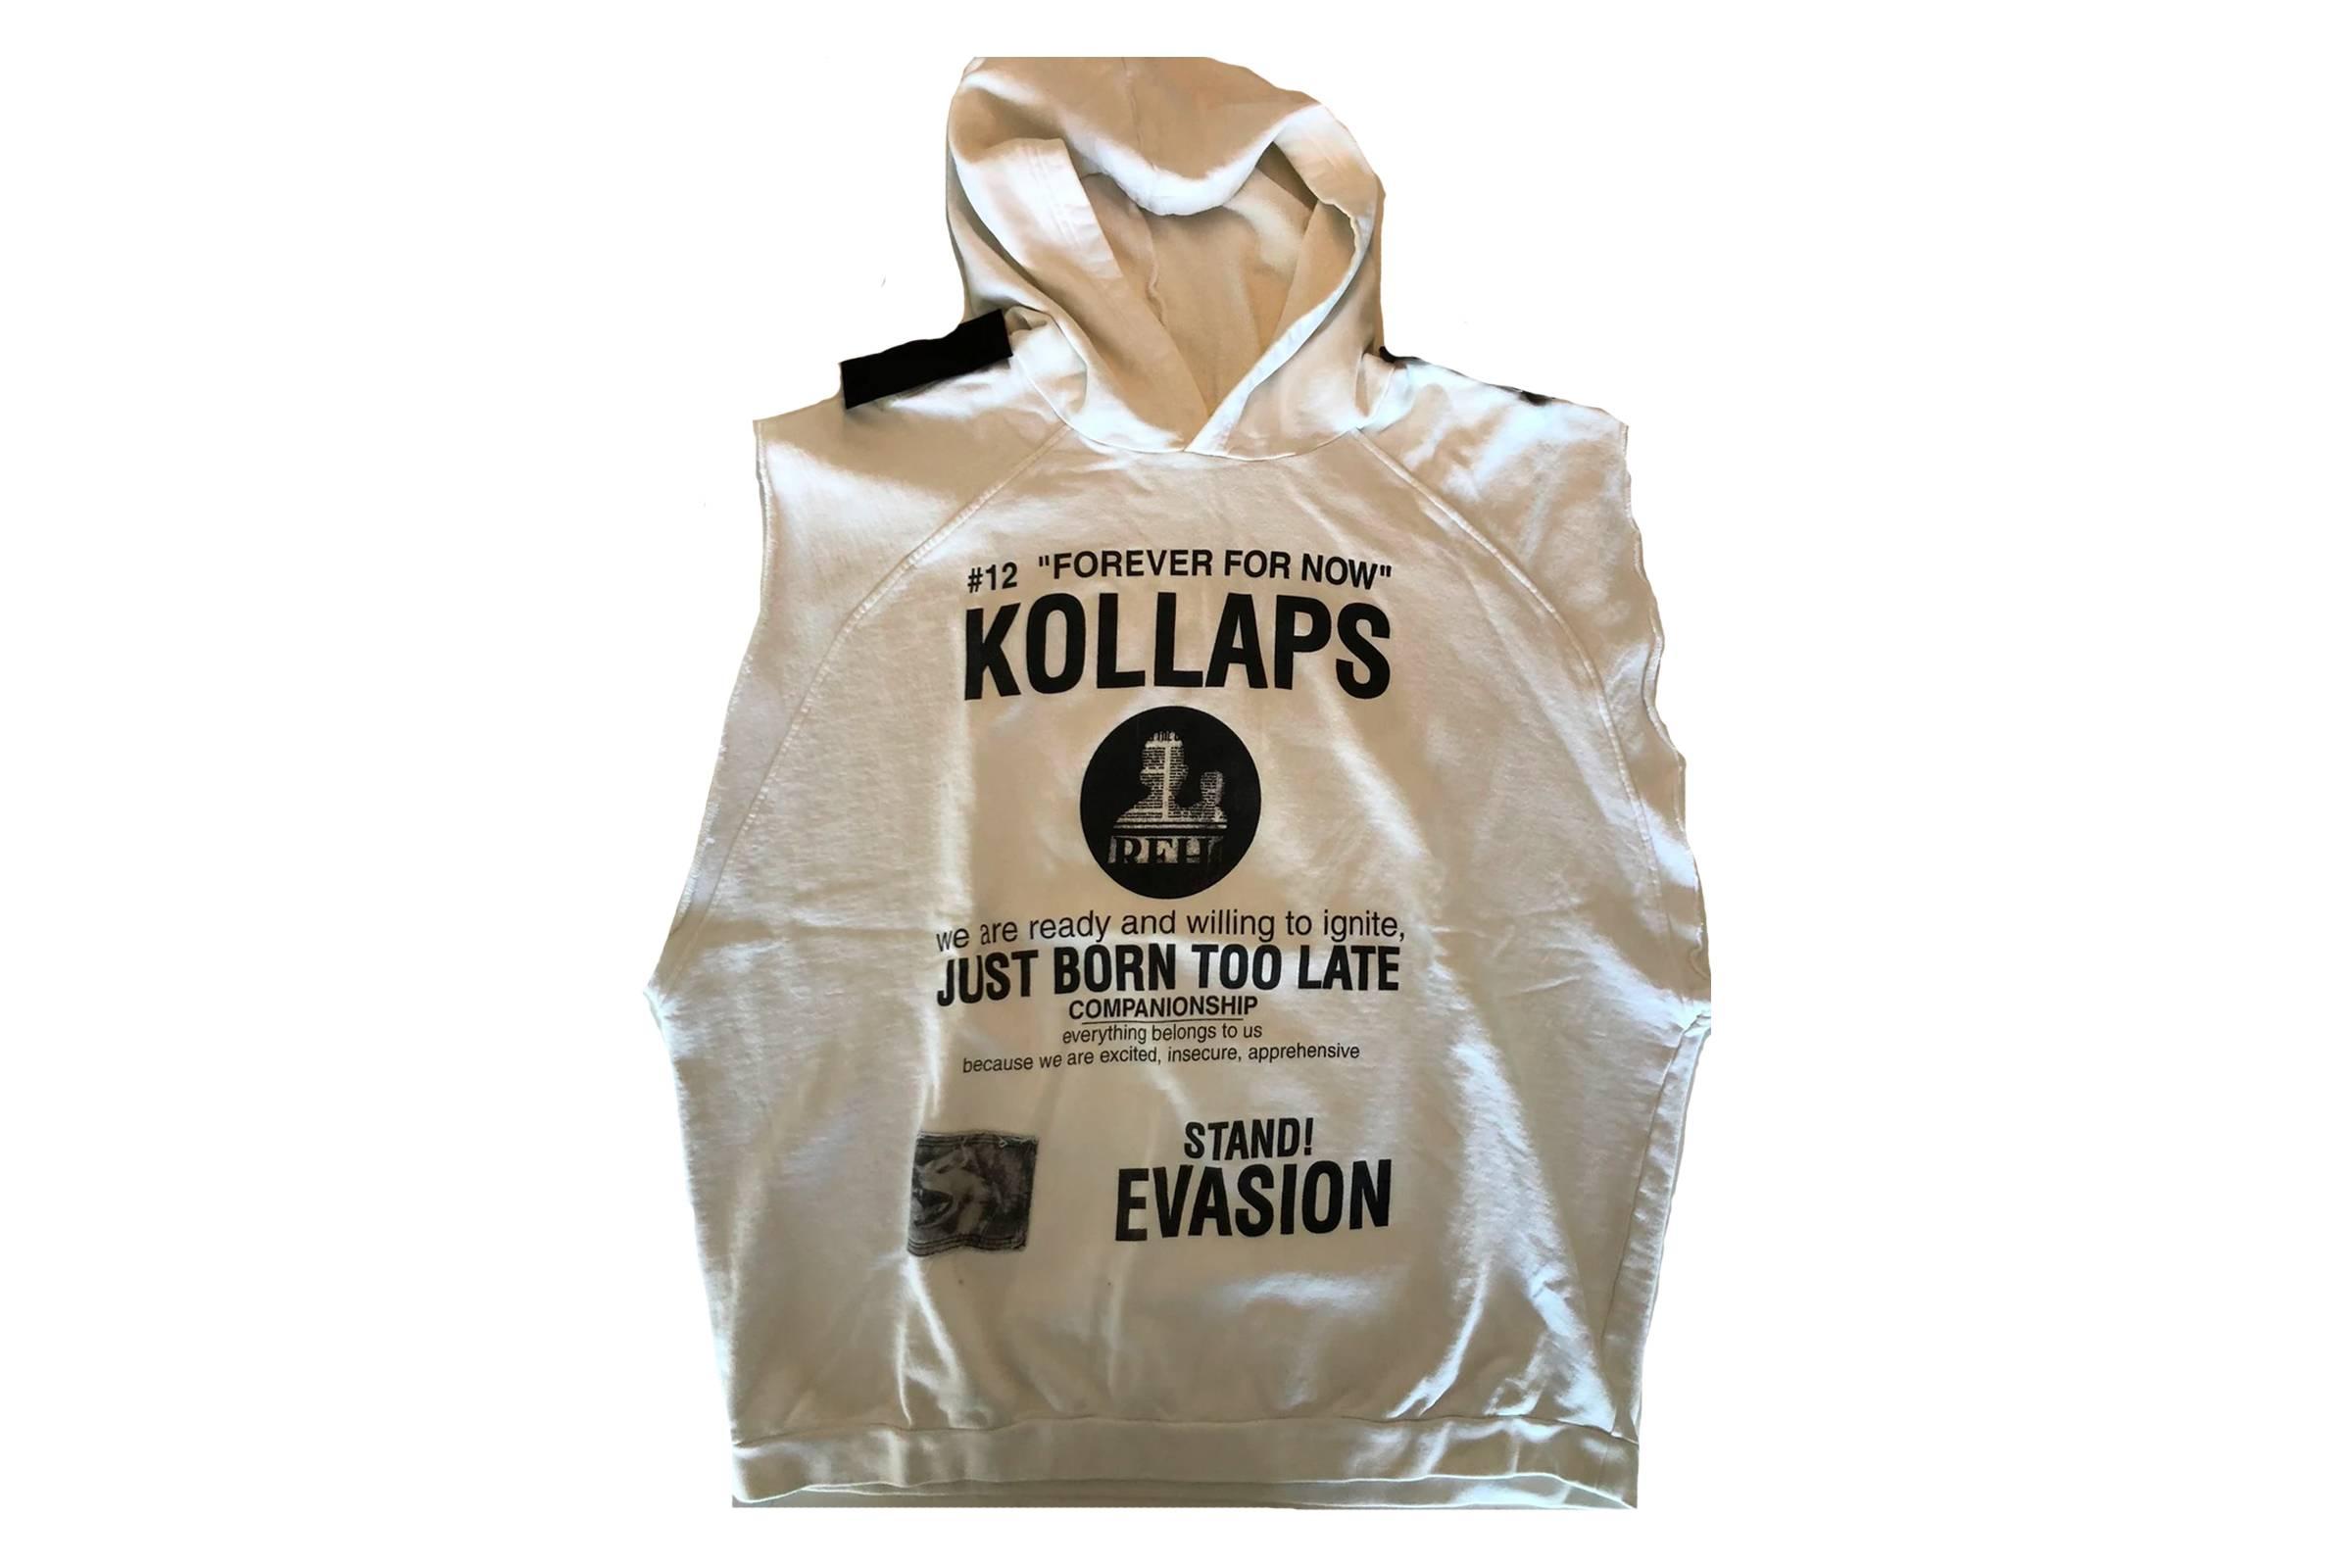 """Raf Simons """"Kollaps"""" Sleeveless Oversized Hooded Sweatshirt"""